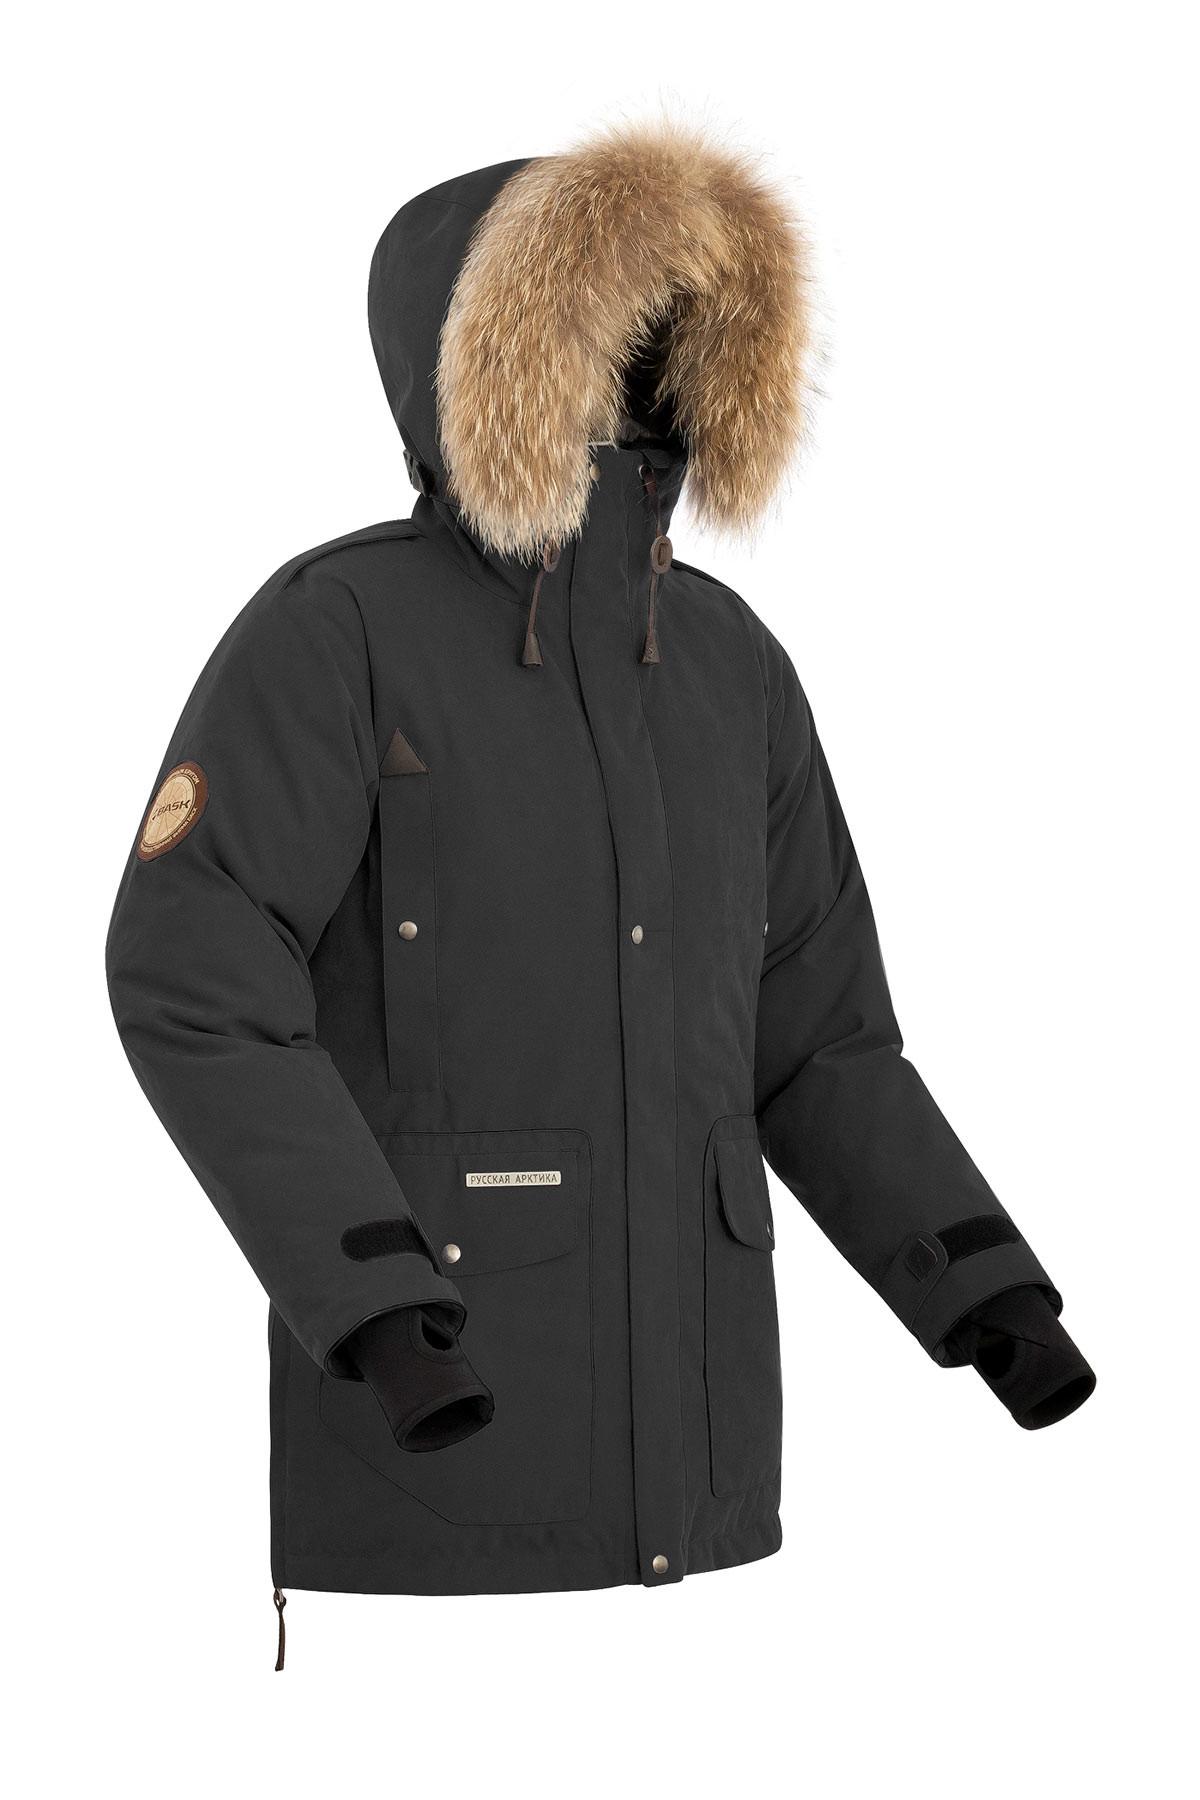 349d2b3b0ef3 Мужская пуховая куртка-парка Баск PUTORANA HARD, производитель ...